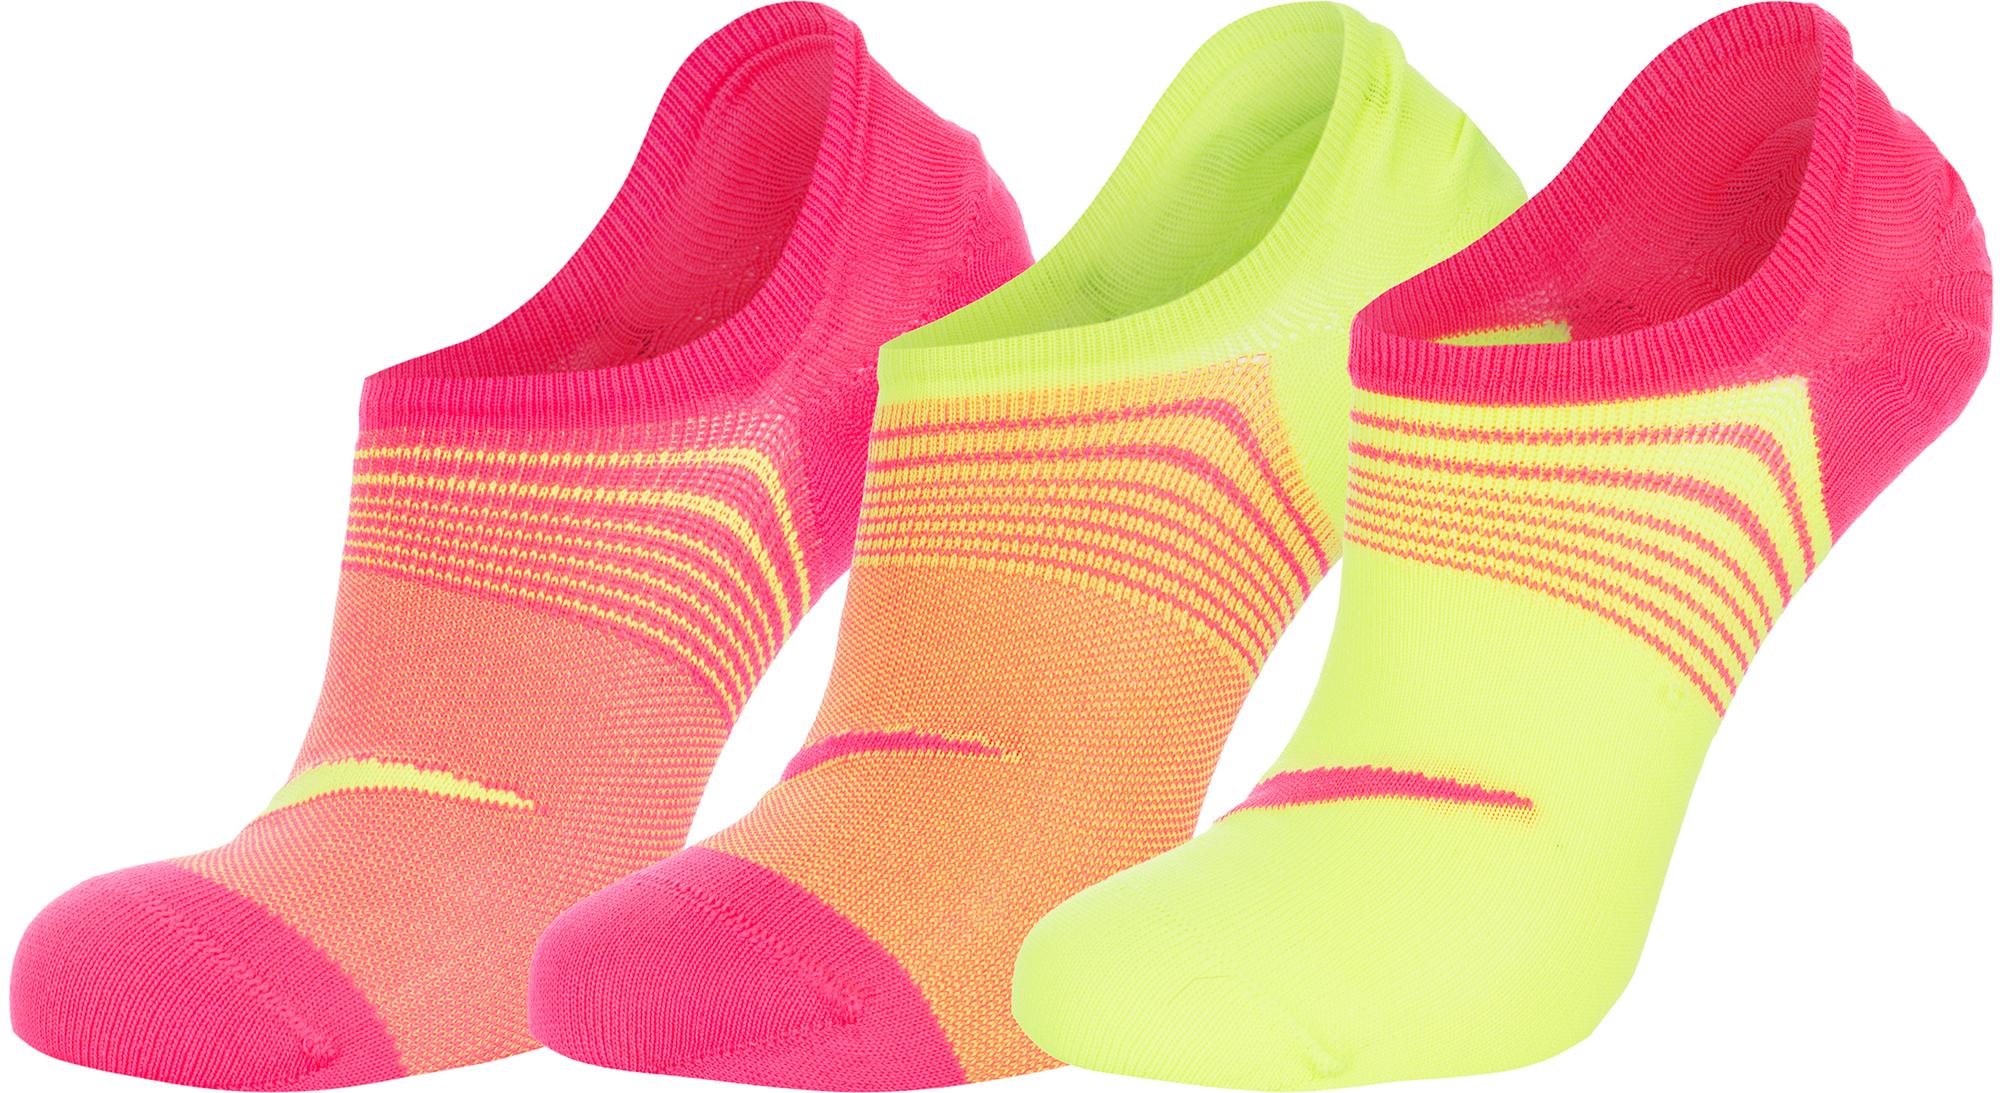 Nike Носки женские Nike Lightweight, 3 пары, размер 37-41 носки nike 3ppk lightweight no snow sx4705 001